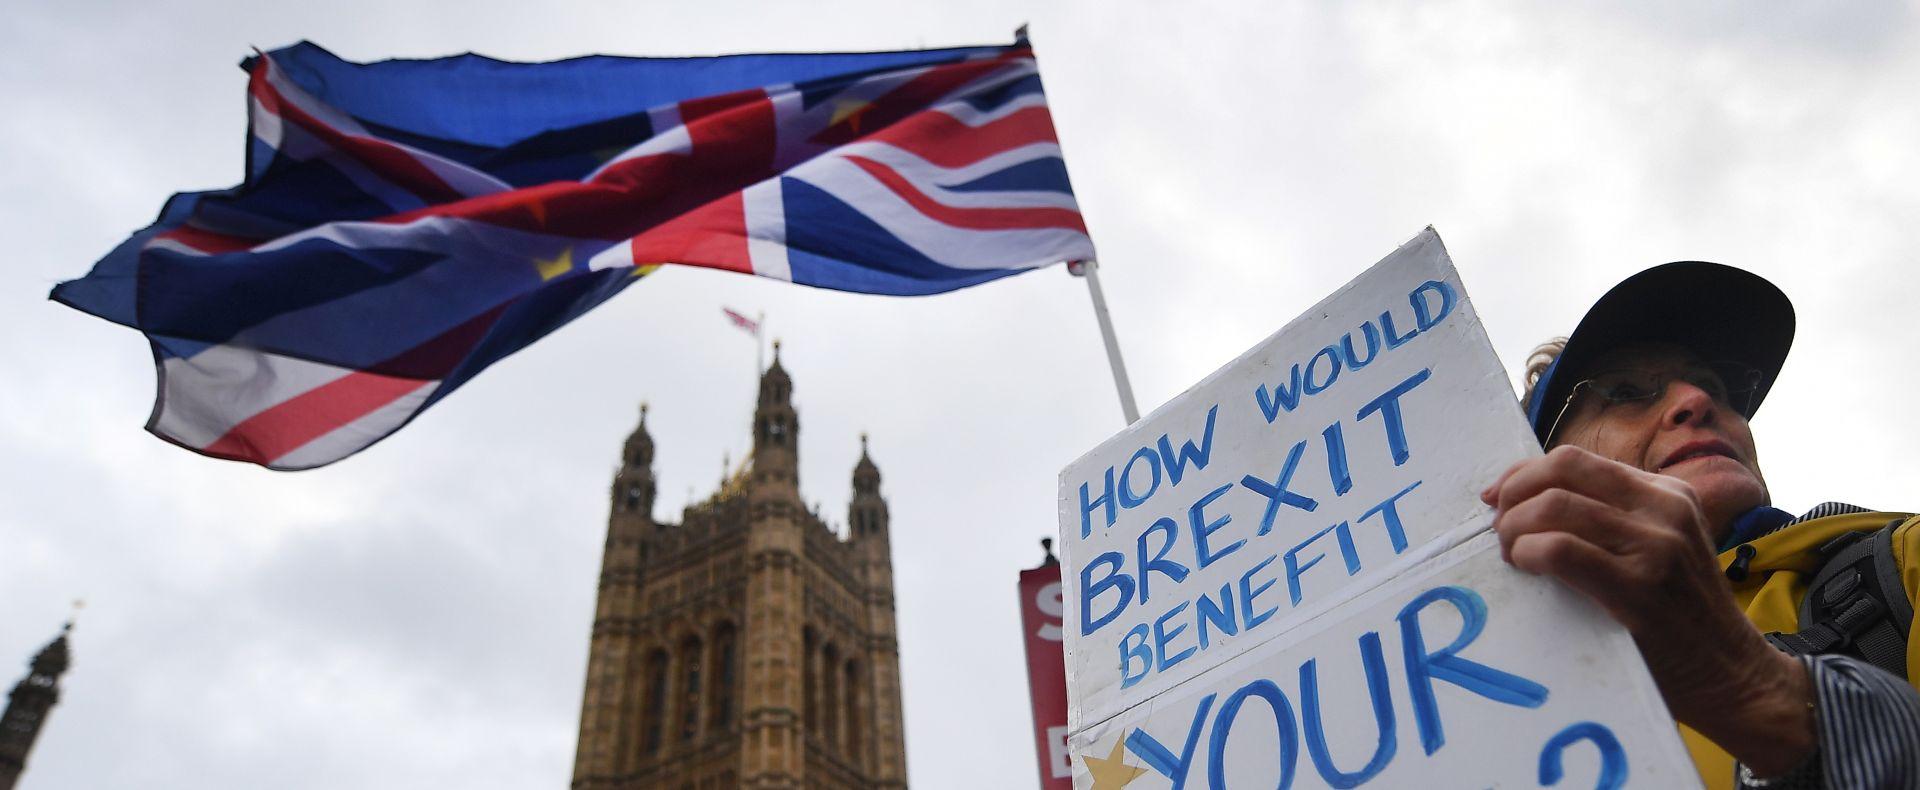 Europski sud pravde danas objavljuje presudu o Brexitu